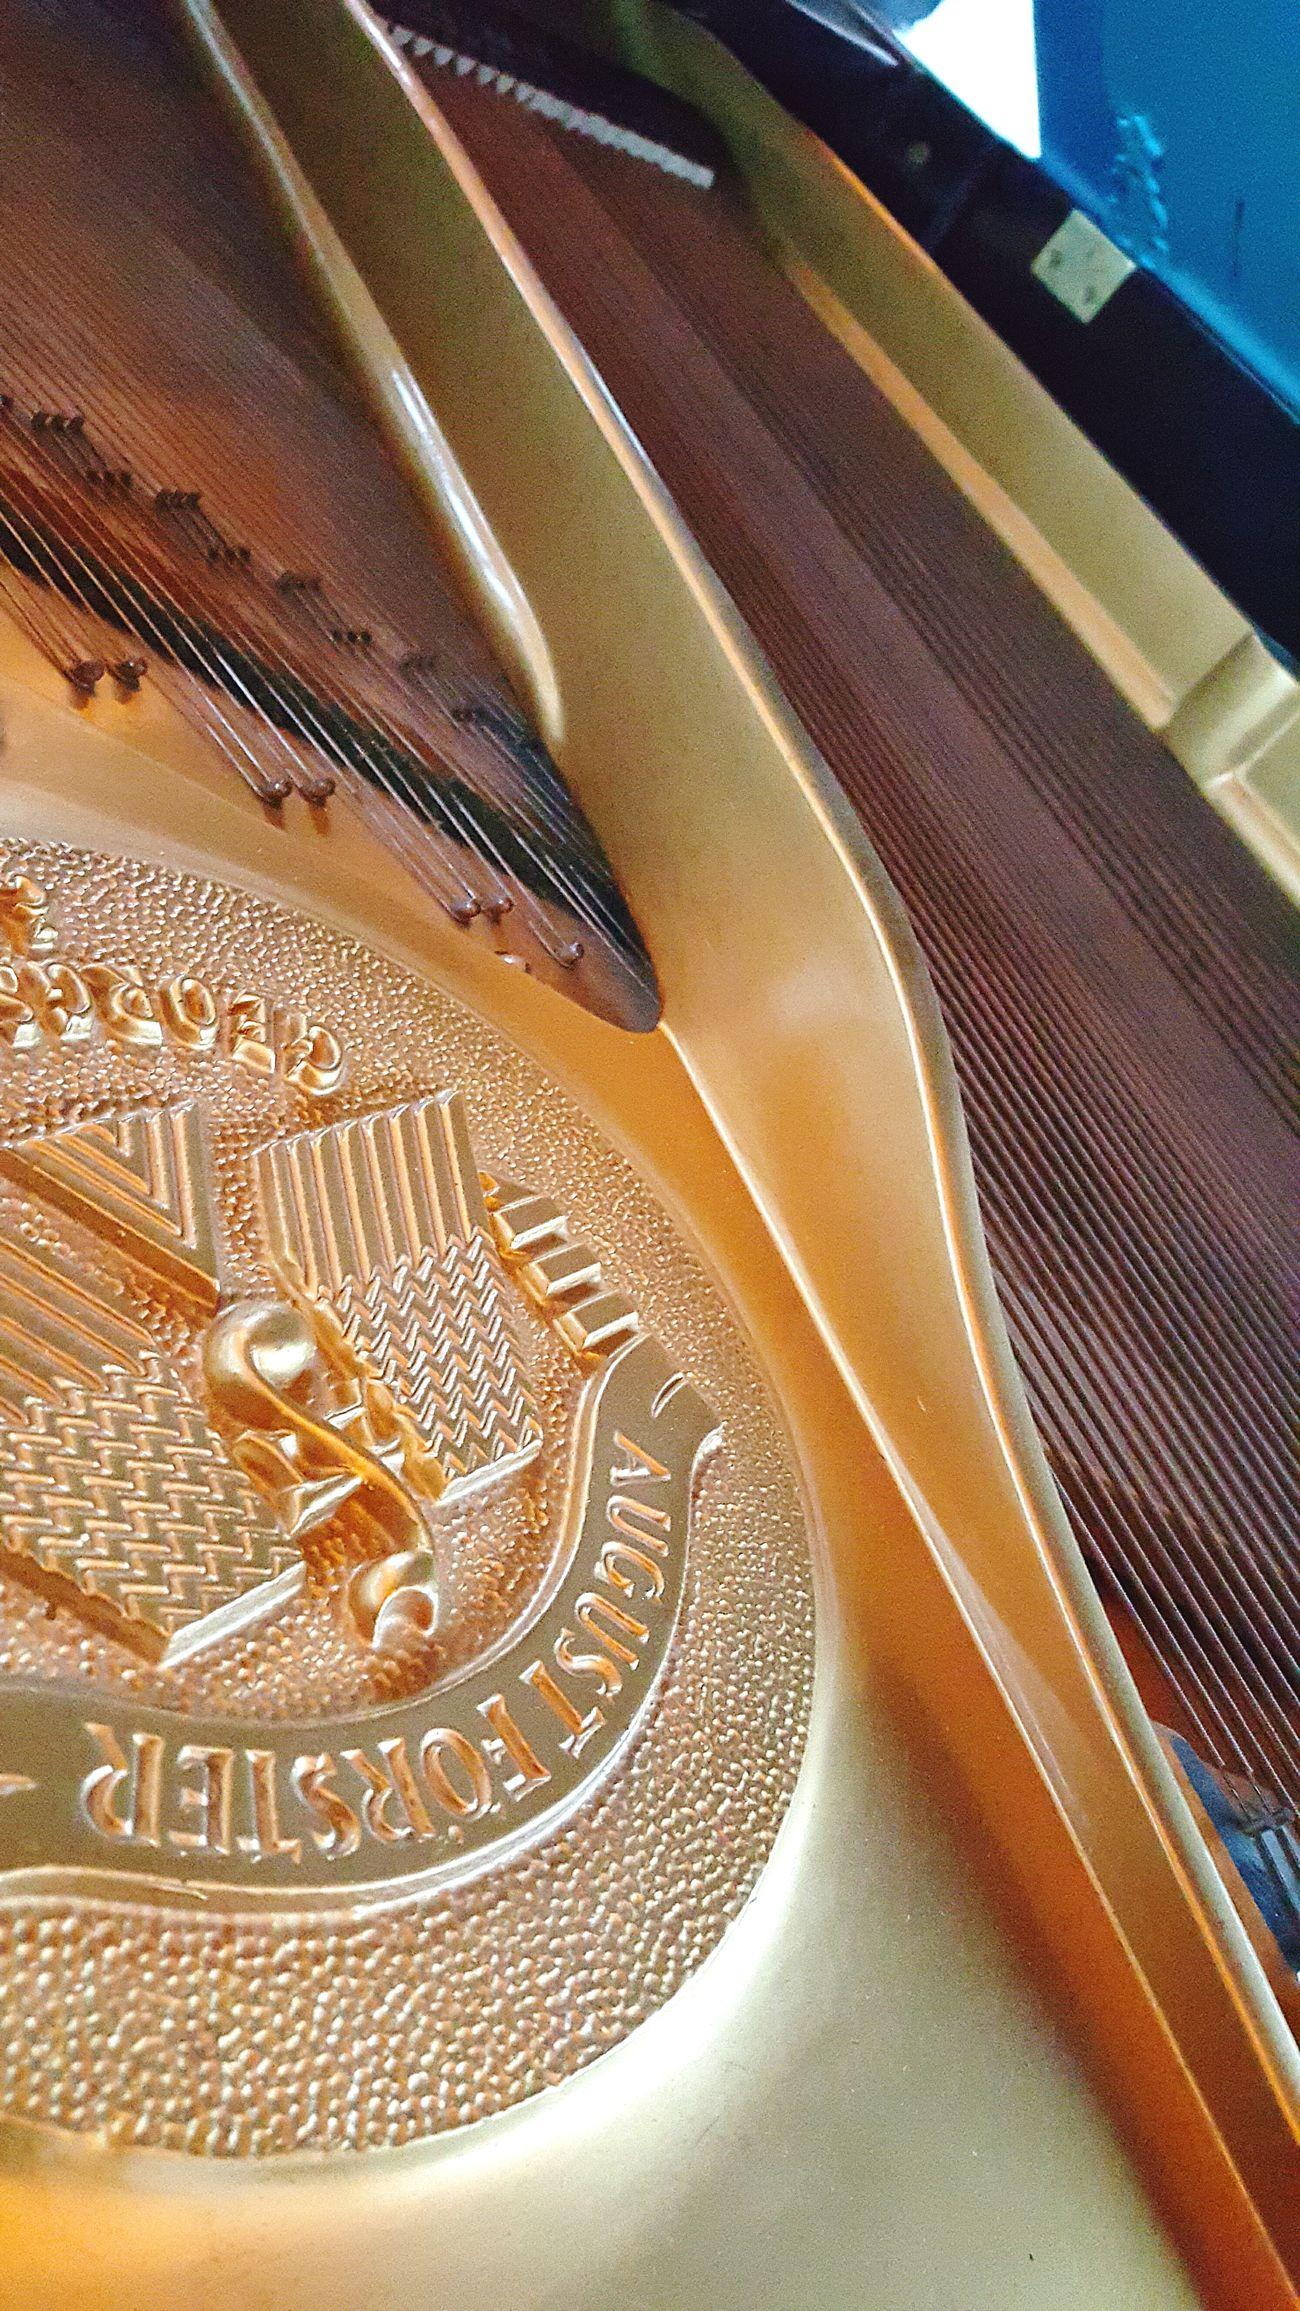 Piano Public Piano Gent